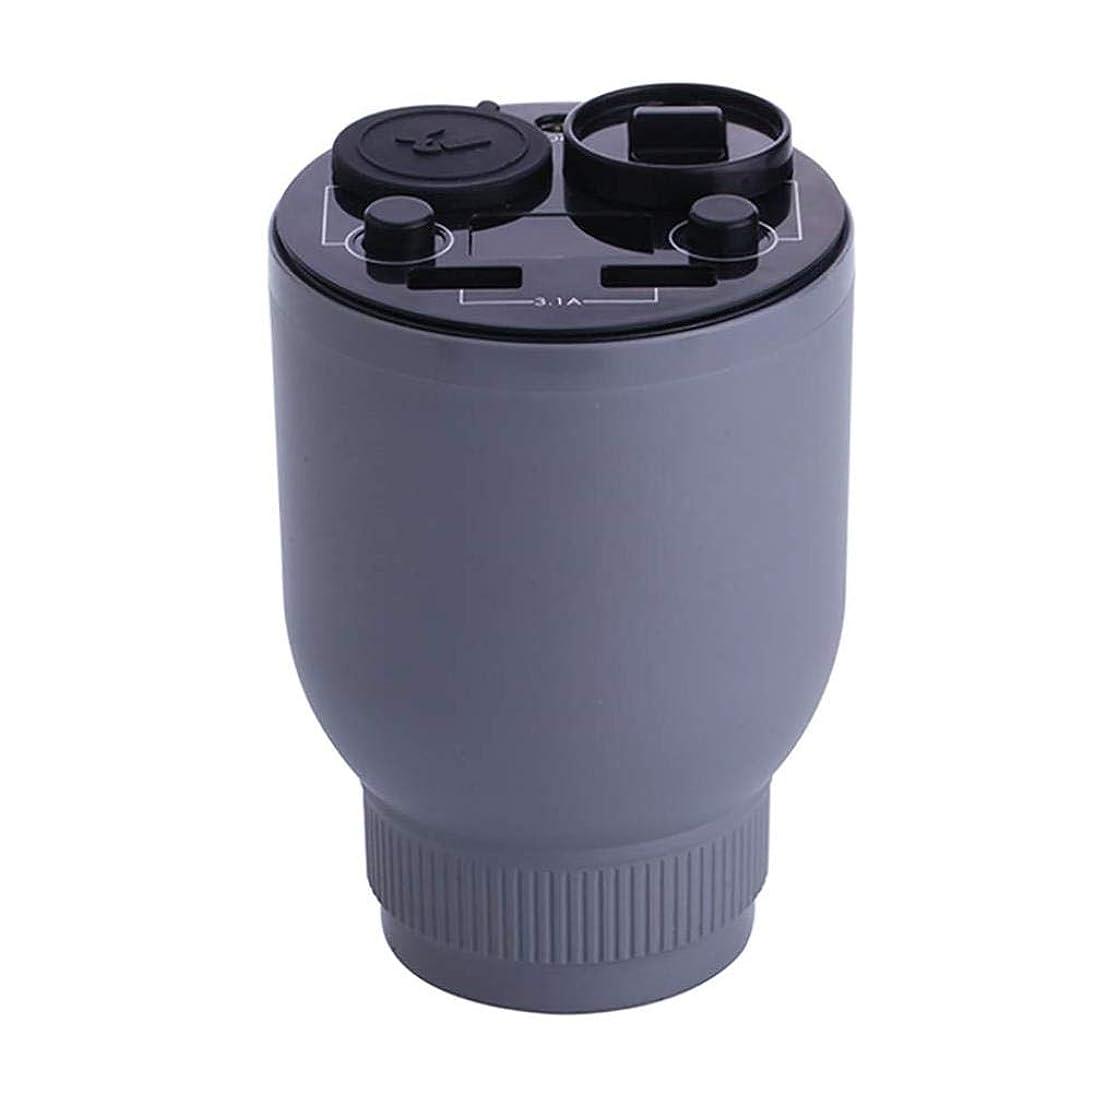 染料パリティ世界電気アロマディフューザー、超音波加湿器、携帯用空気浄化アロマテラピーマシン、車のファッションデザイン用車アロマセラピーカップ付きタバコ (Color : Gray)